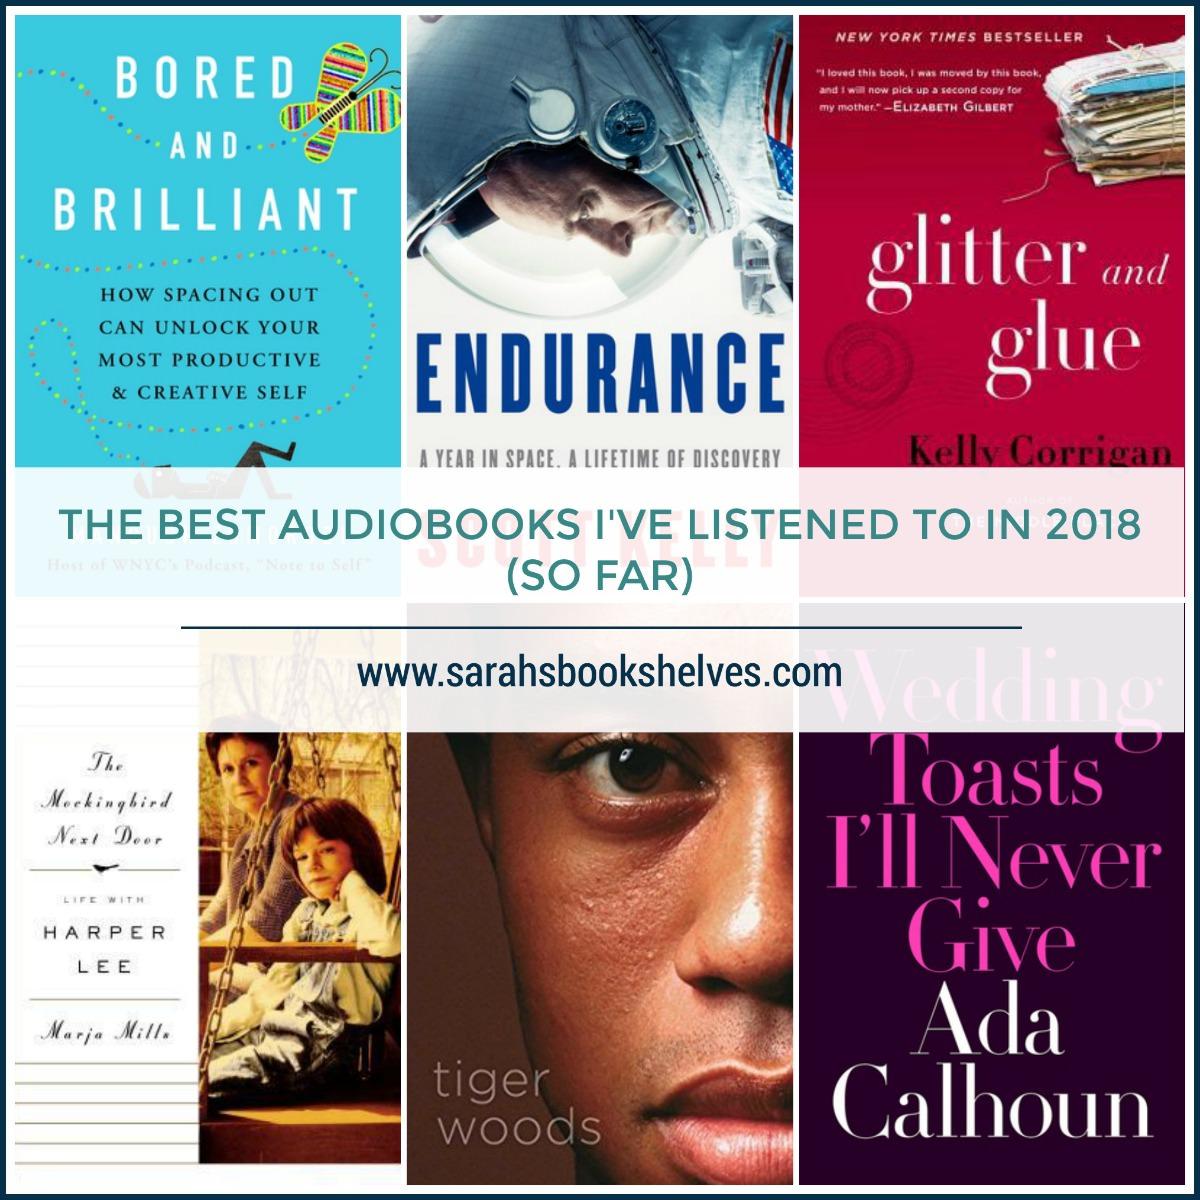 Best Audiobooks 2018 So Far